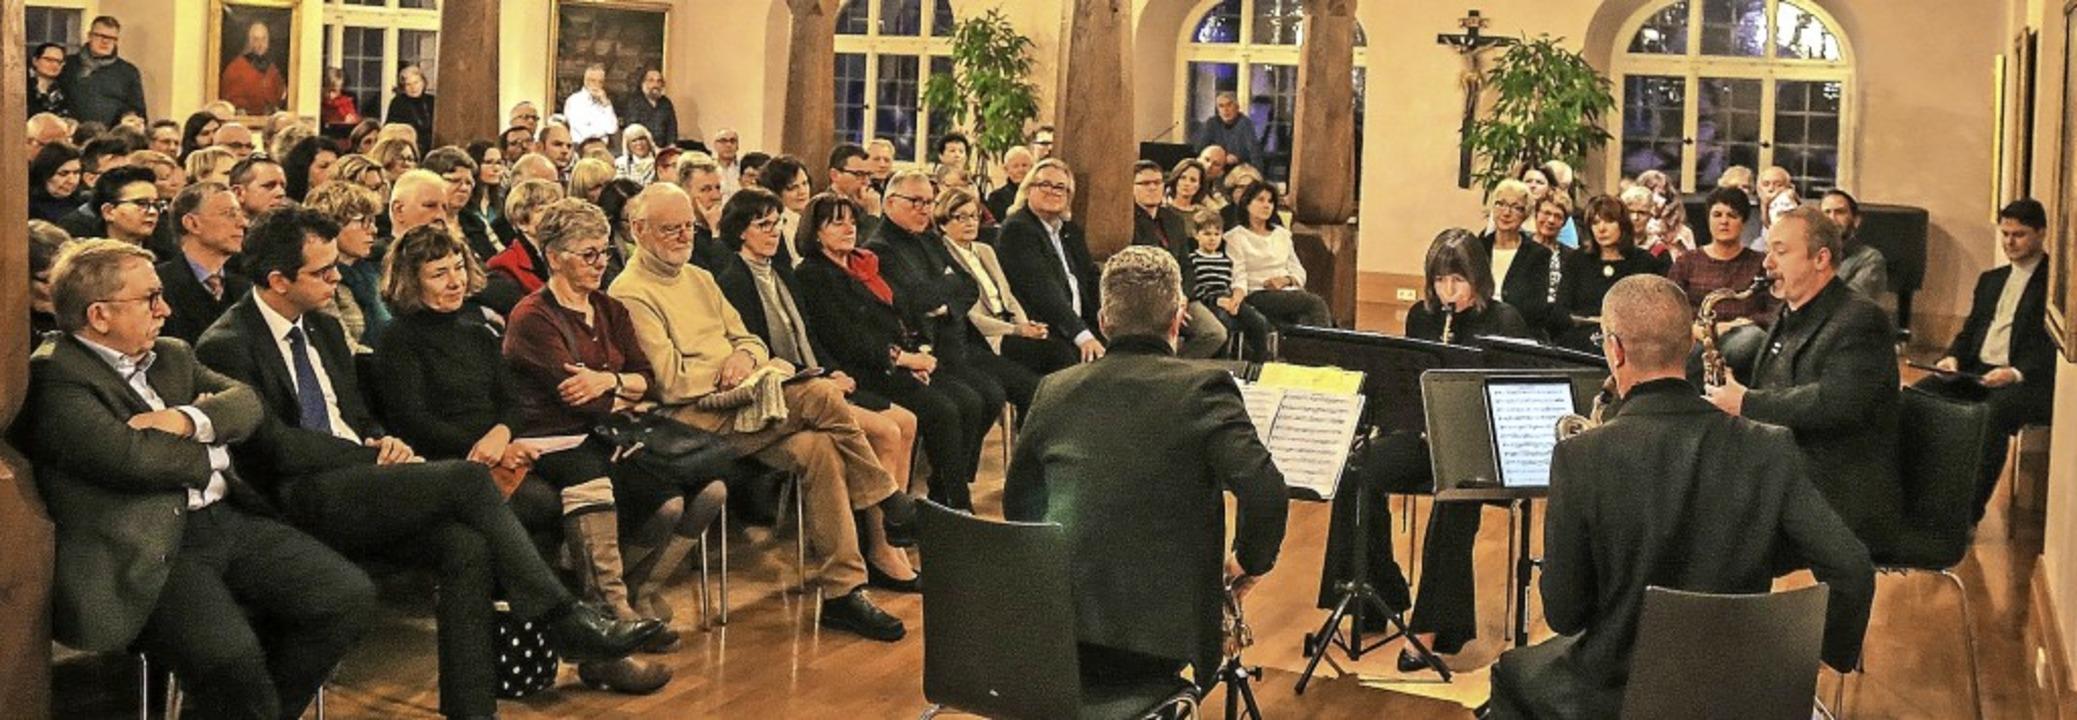 Das Raschèr Saxophone Quartett bei sei...zert bei den Musikfreunden Ettenheim    | Foto: Sandra Decoux-Kone